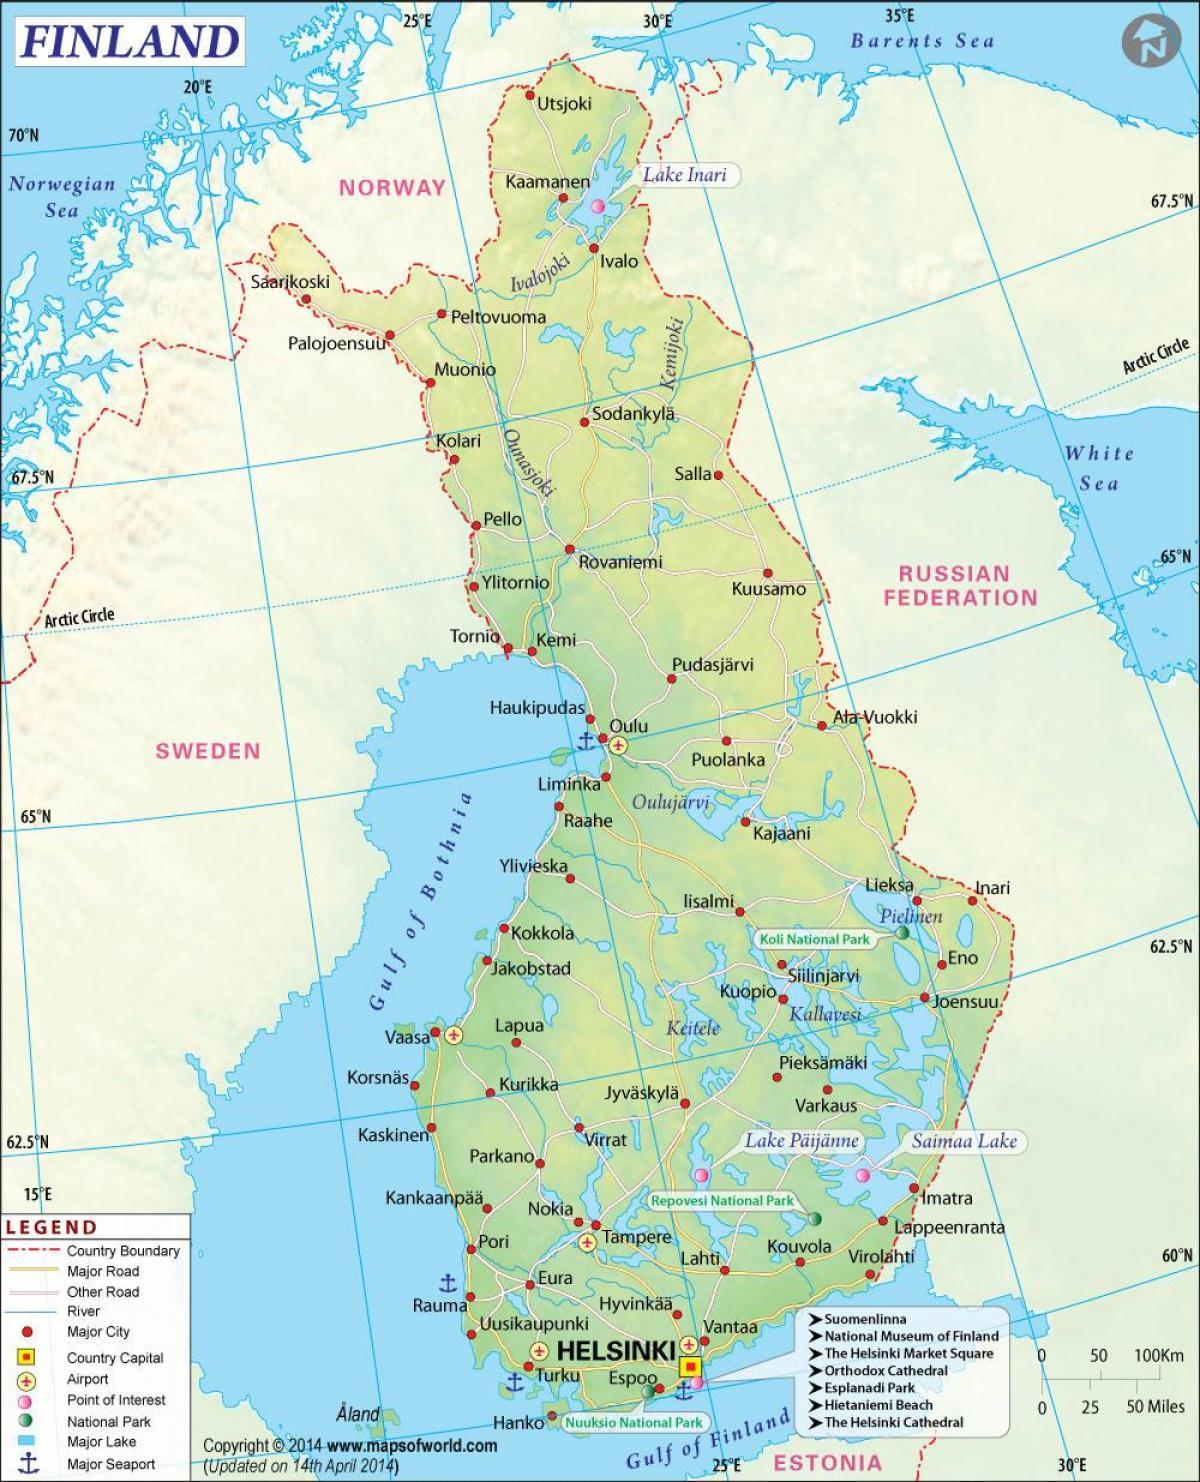 Cartina Geografica Nord Europa.Finlandia Geografia Cartina Mappa Geografica Della Finlandia Geografia Europa Del Nord Europa